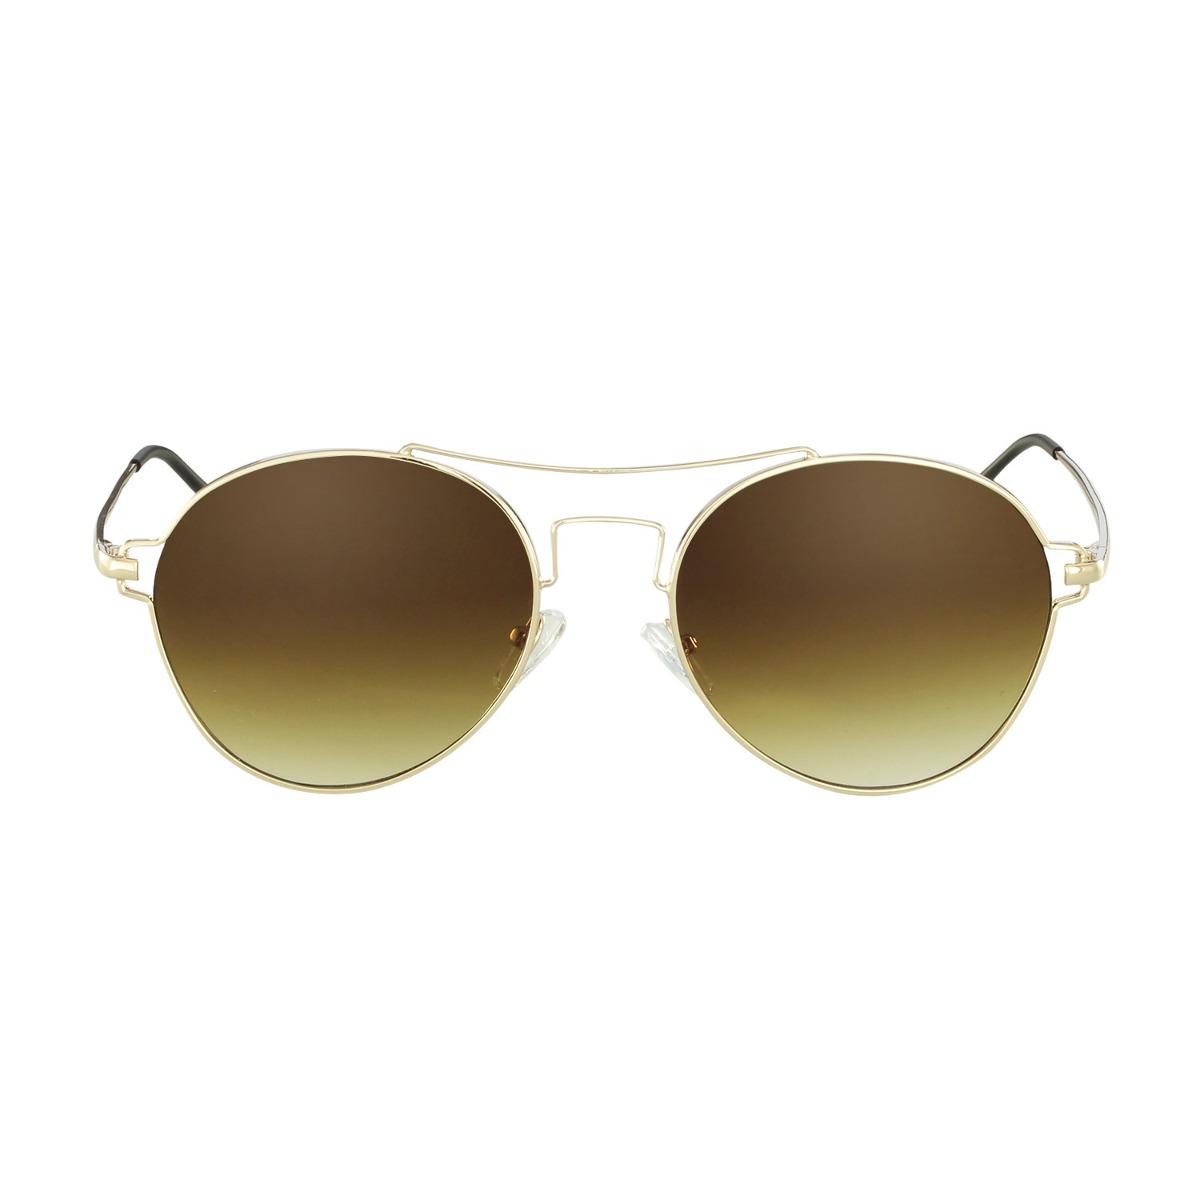 4cad897eec90a óculos de sol sabrina sato fashion dourado sb7011c4. Carregando zoom.